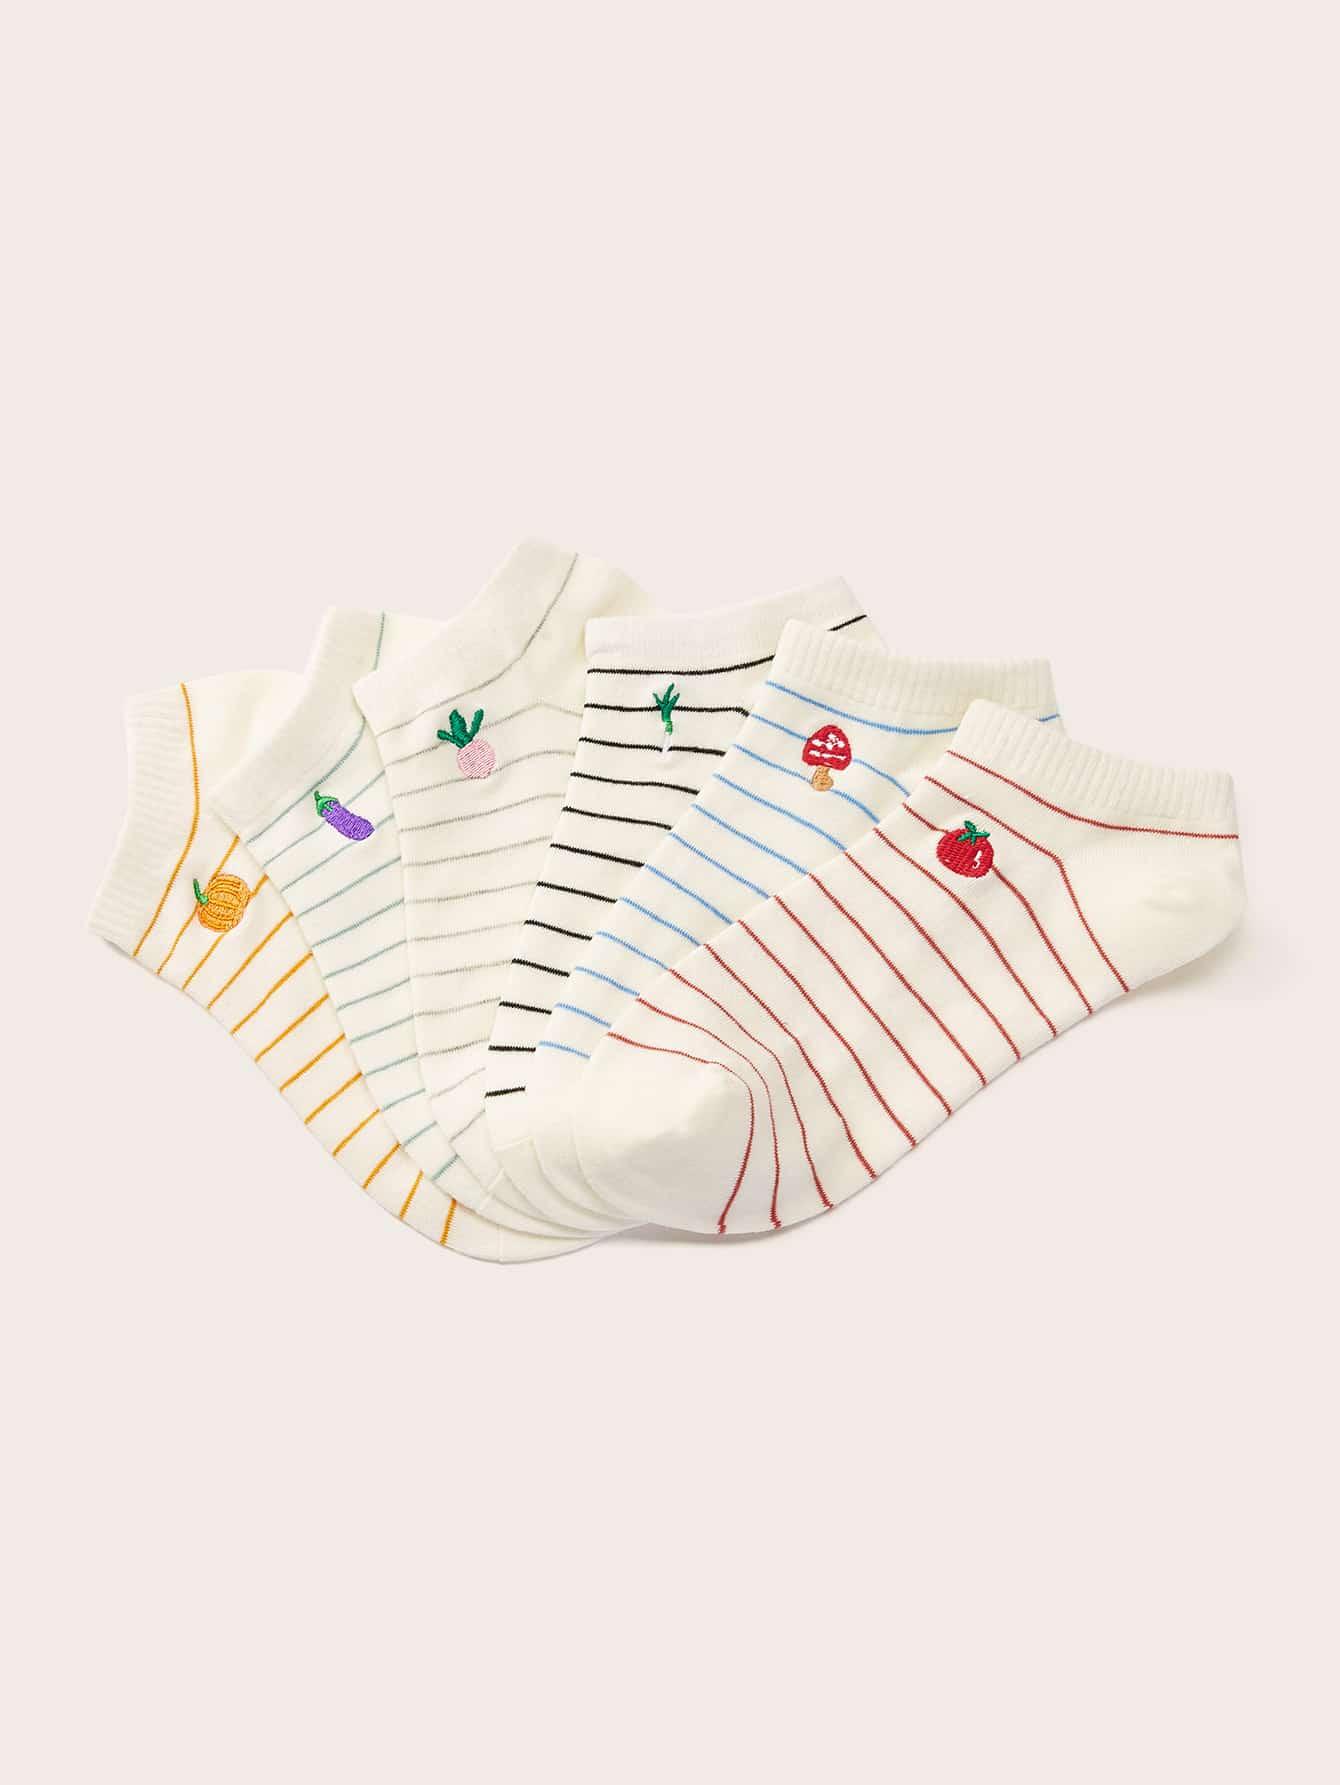 Фото - Овощи вышивка полосатые носки лодыжки 6 пар от SheIn цвет многоцветный